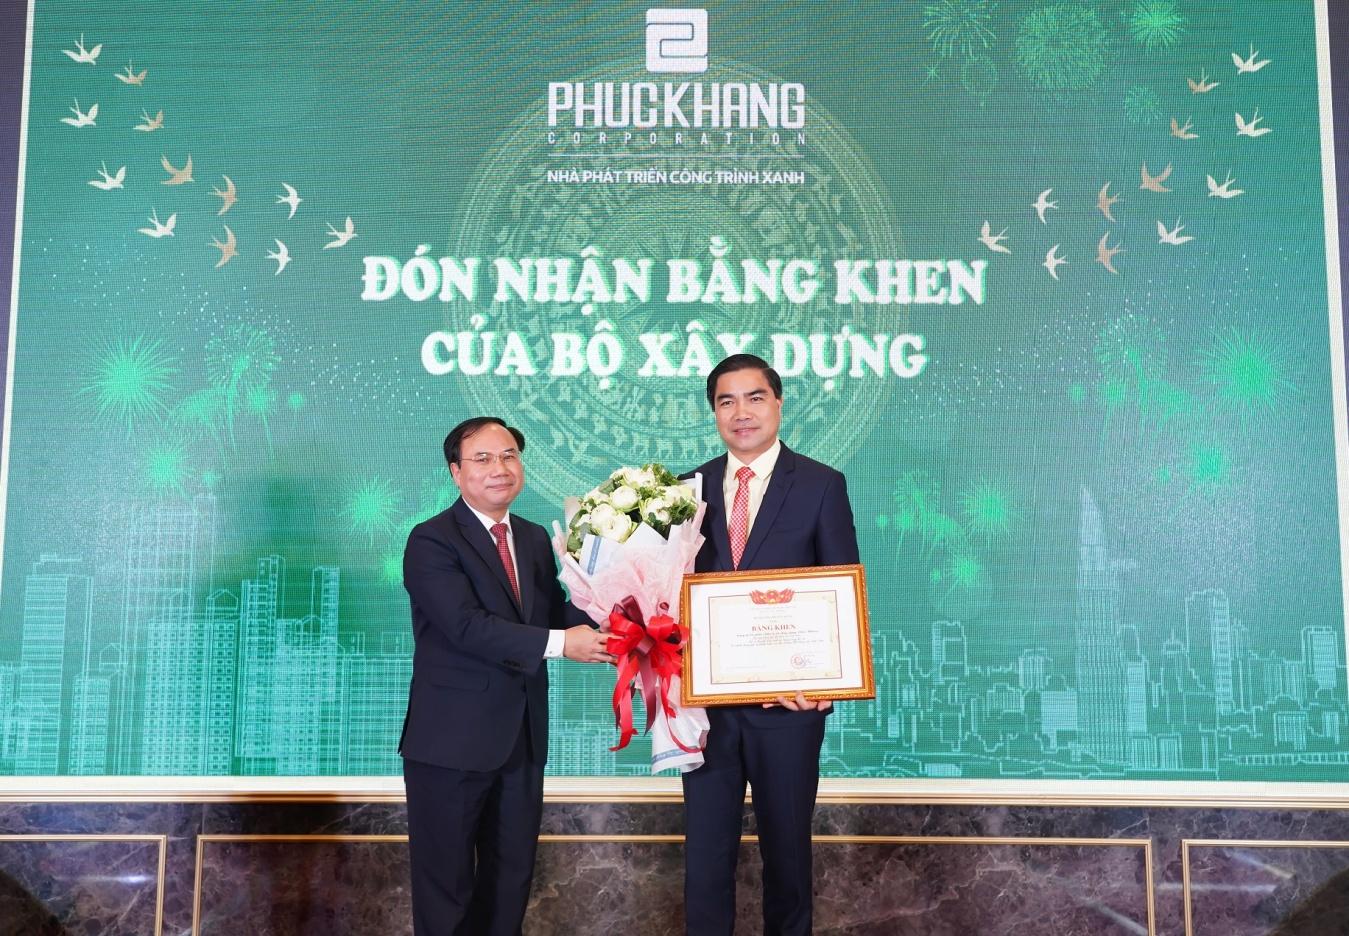 Gala chào xuân 2020: Hành trình 10 năm – Phúc Khang tặng căn hộ và sổ đỏ cho nhân viên trị giá 60 tỷ đồng - Ảnh 2